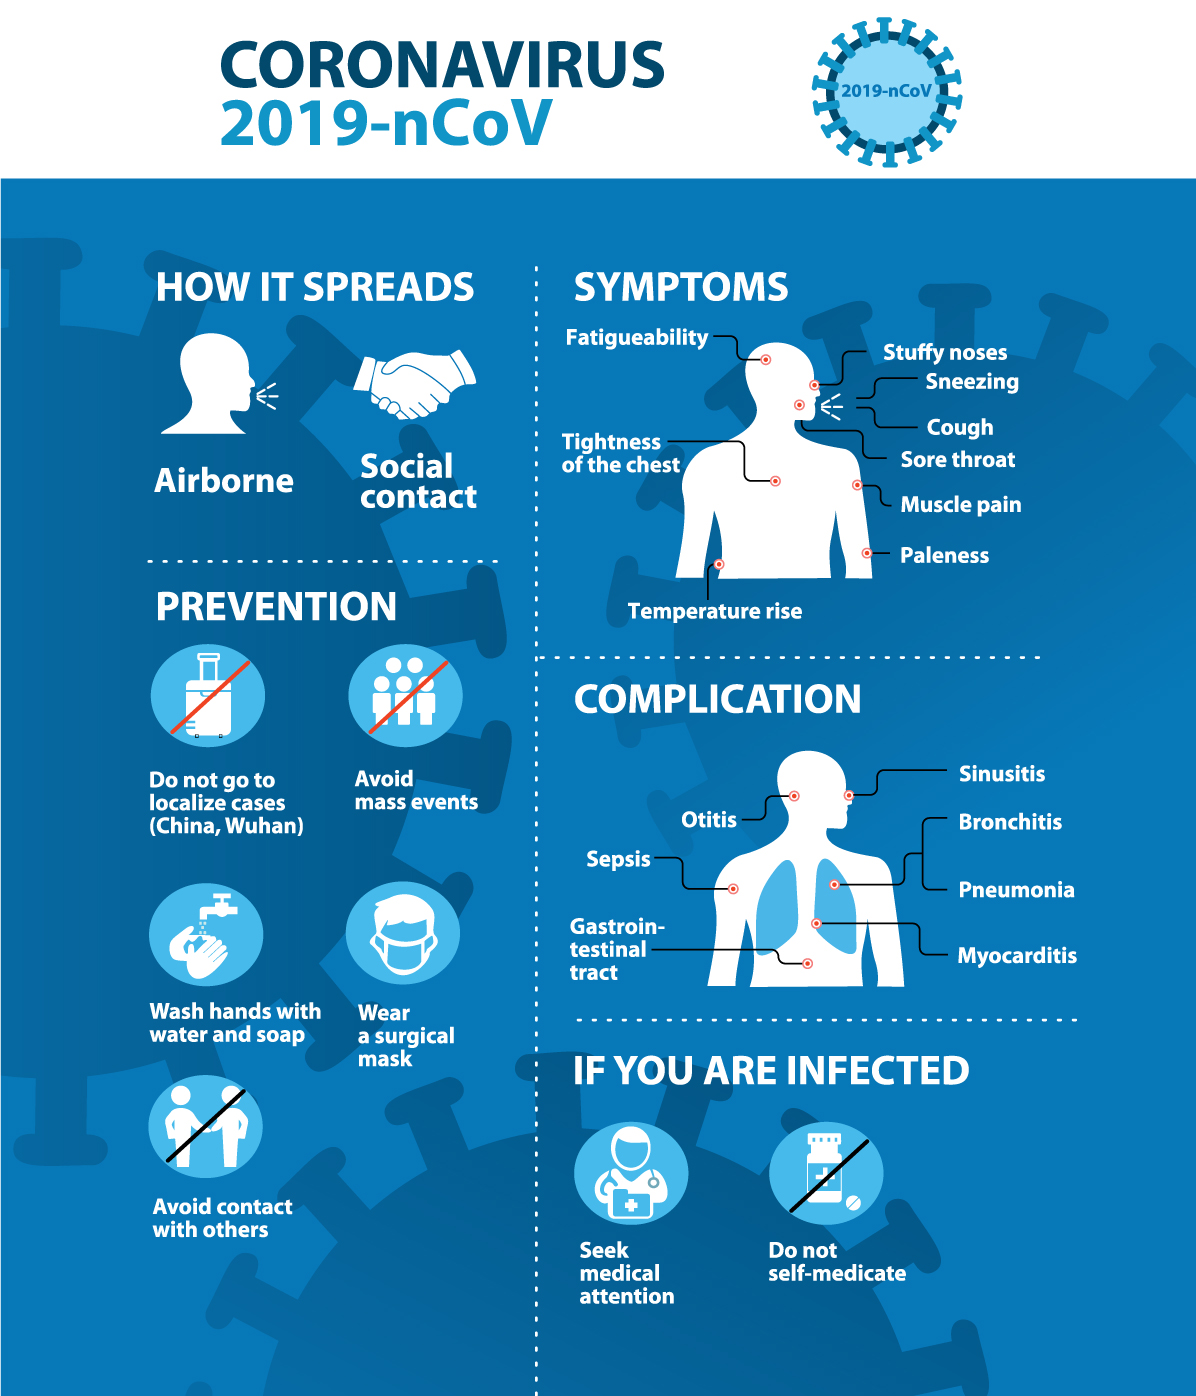 Coronavirus-infographic-02